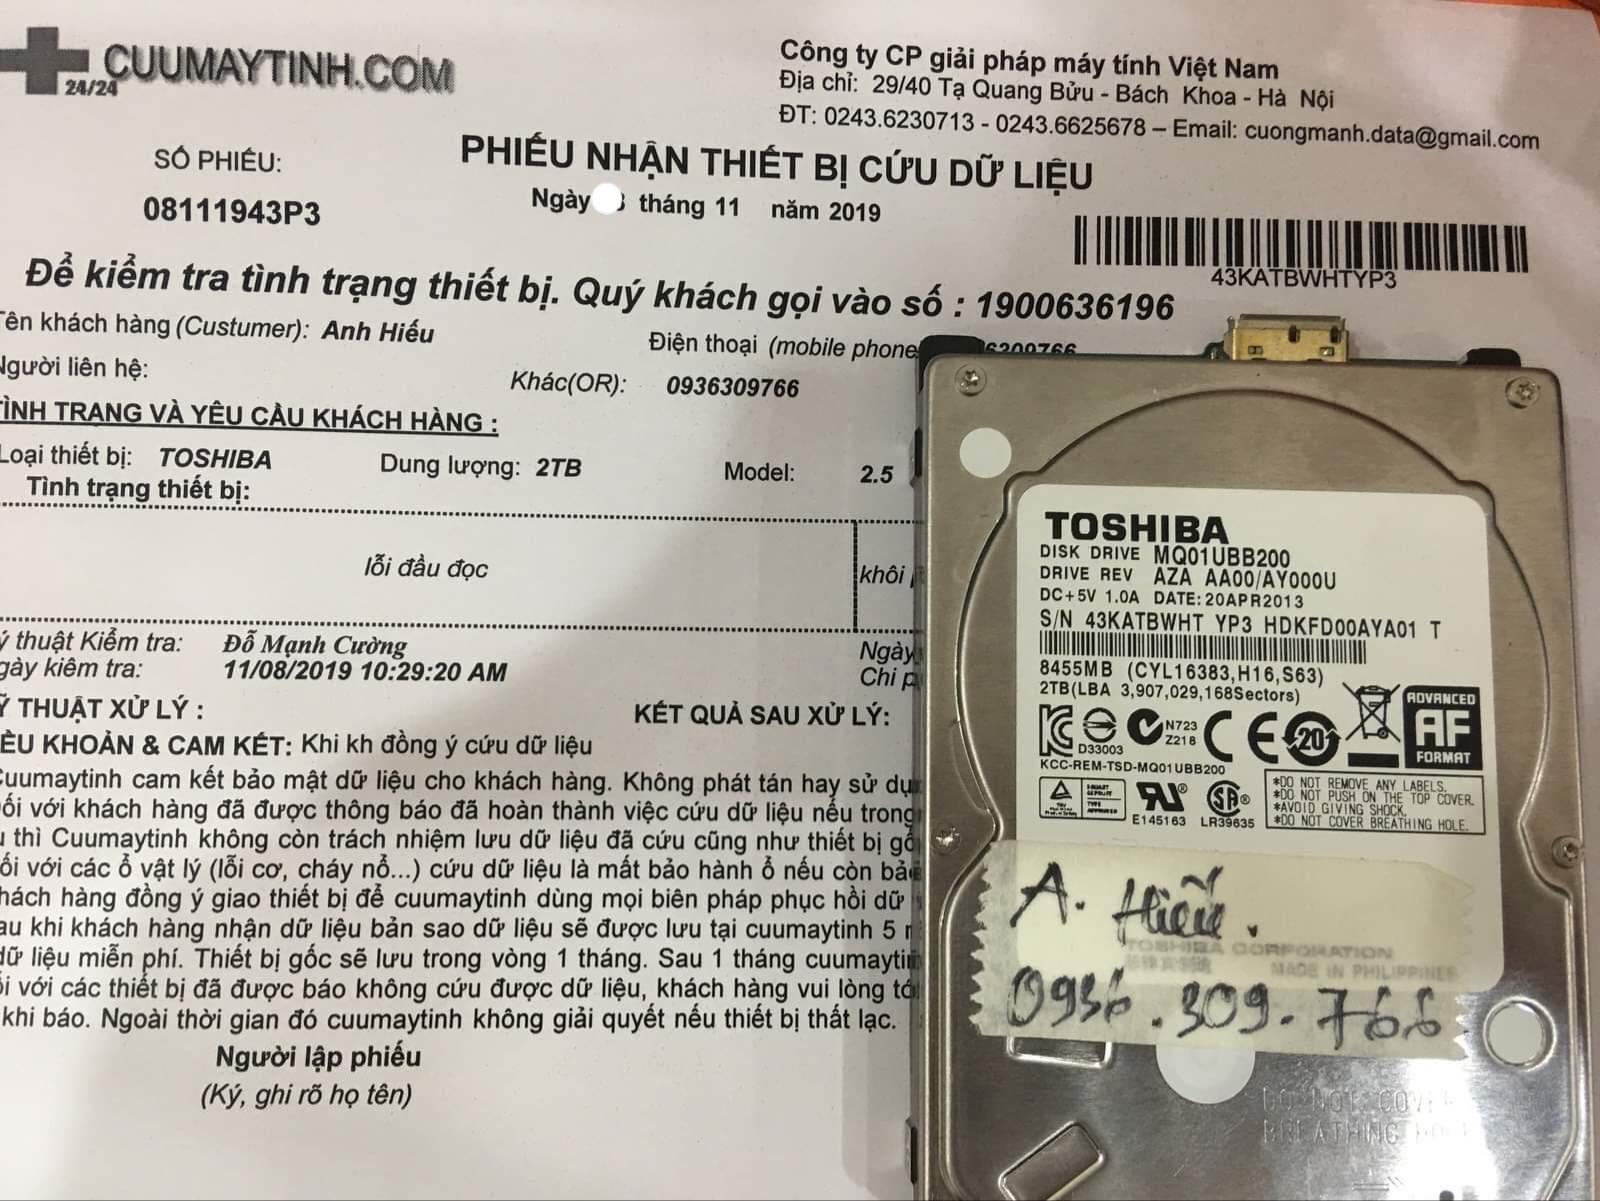 Cứu dữ liệu ổ cứng Toshiba 2TB lỗi đầu đọc 28/11/2019 - cuumaytinh